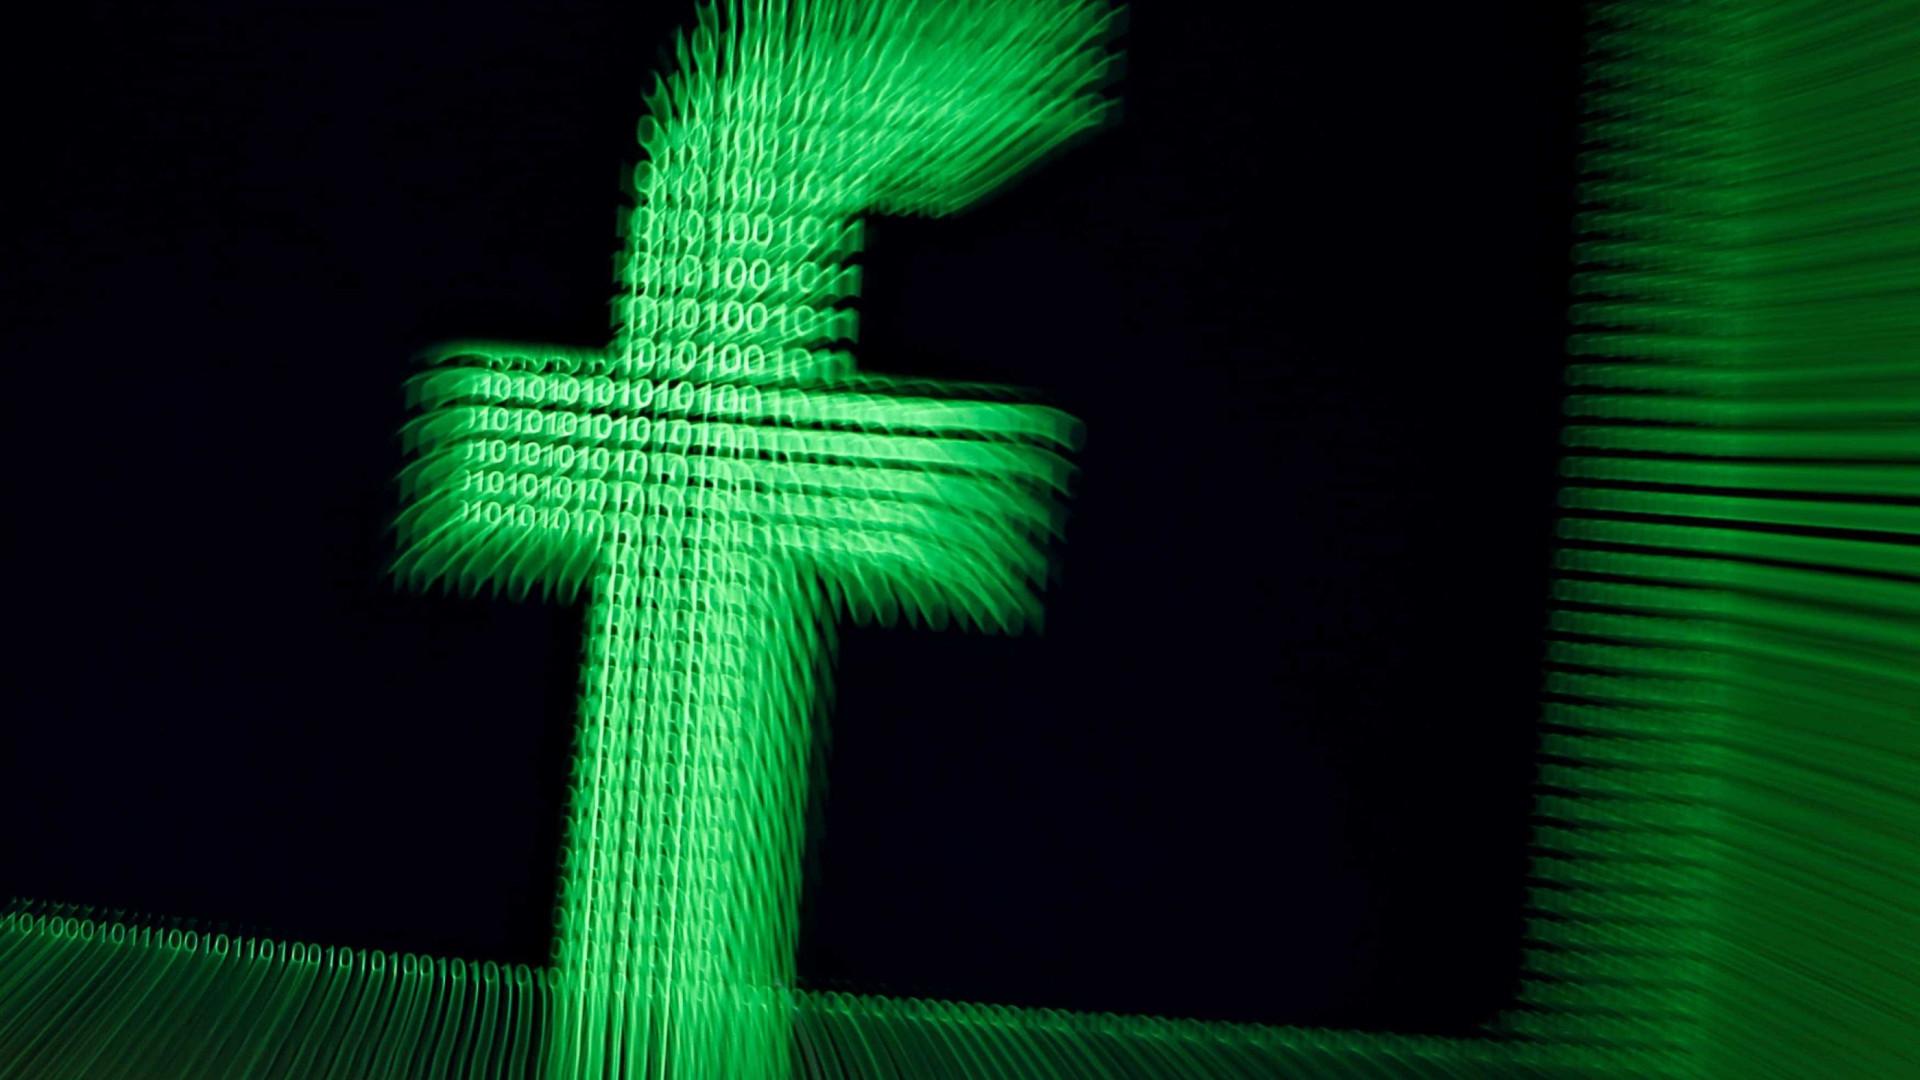 Líderes de movimentos de direitos civis detonam Zuckerberg